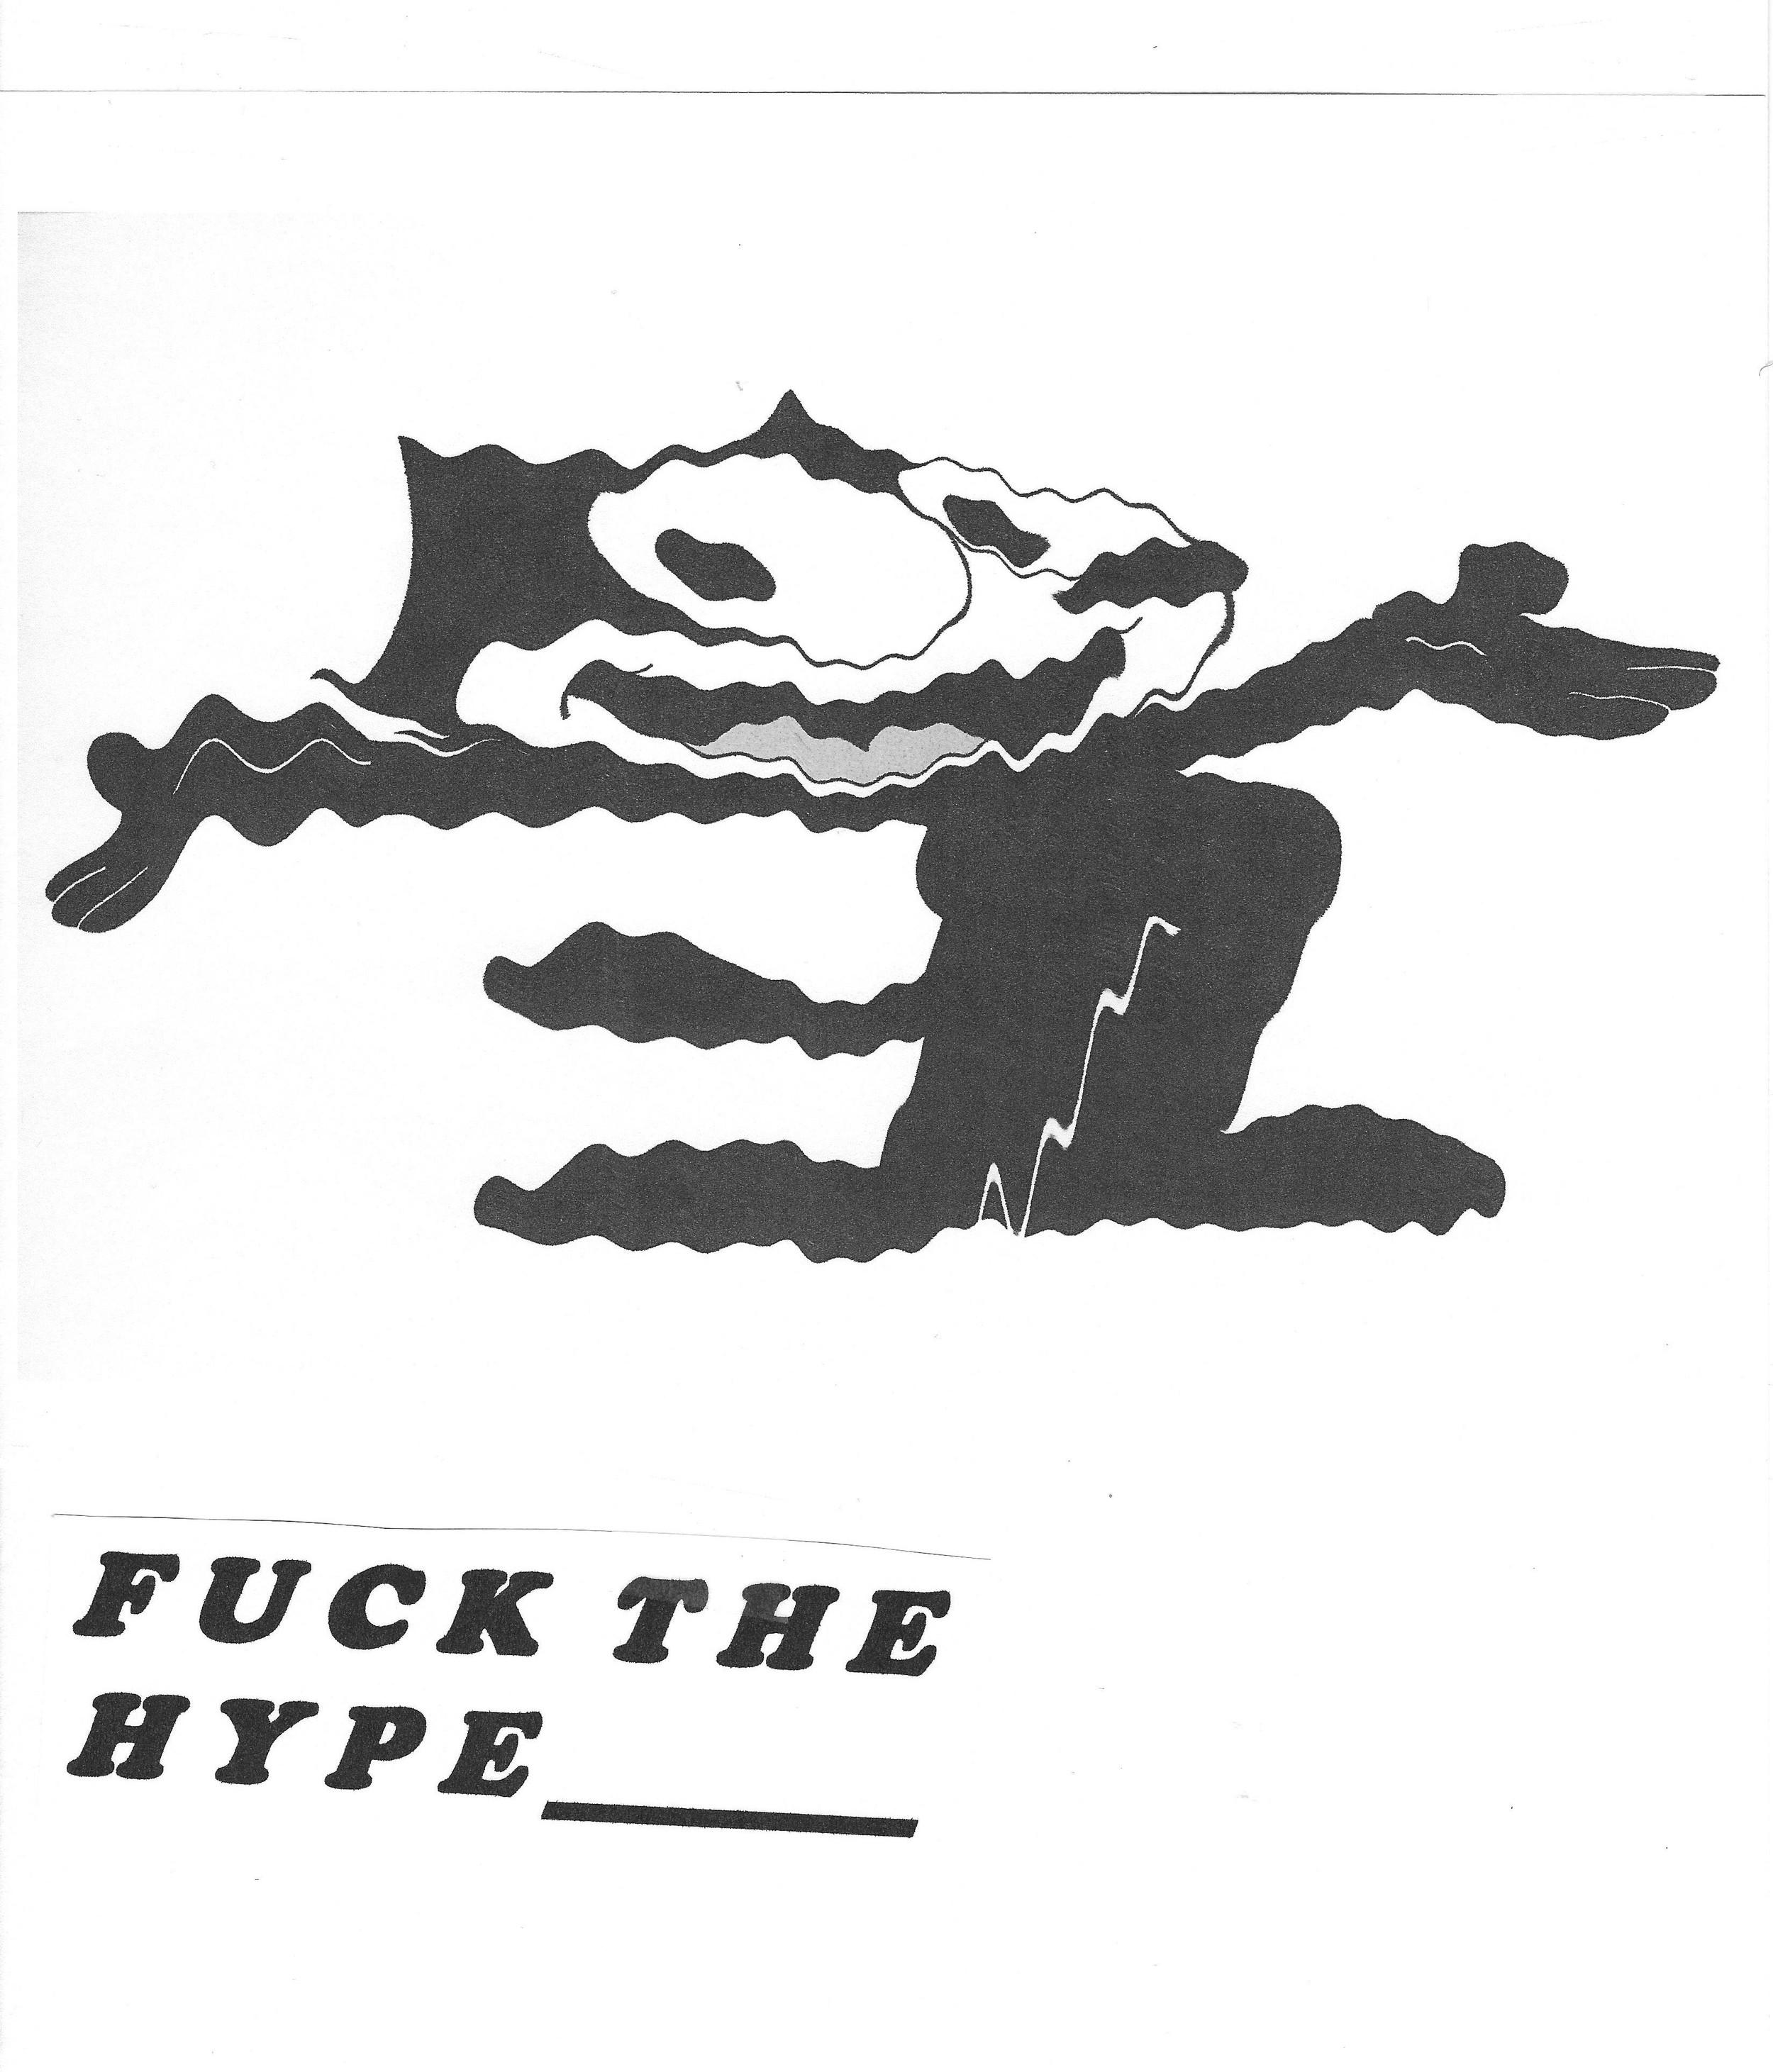 fuckthehype (2).jpg